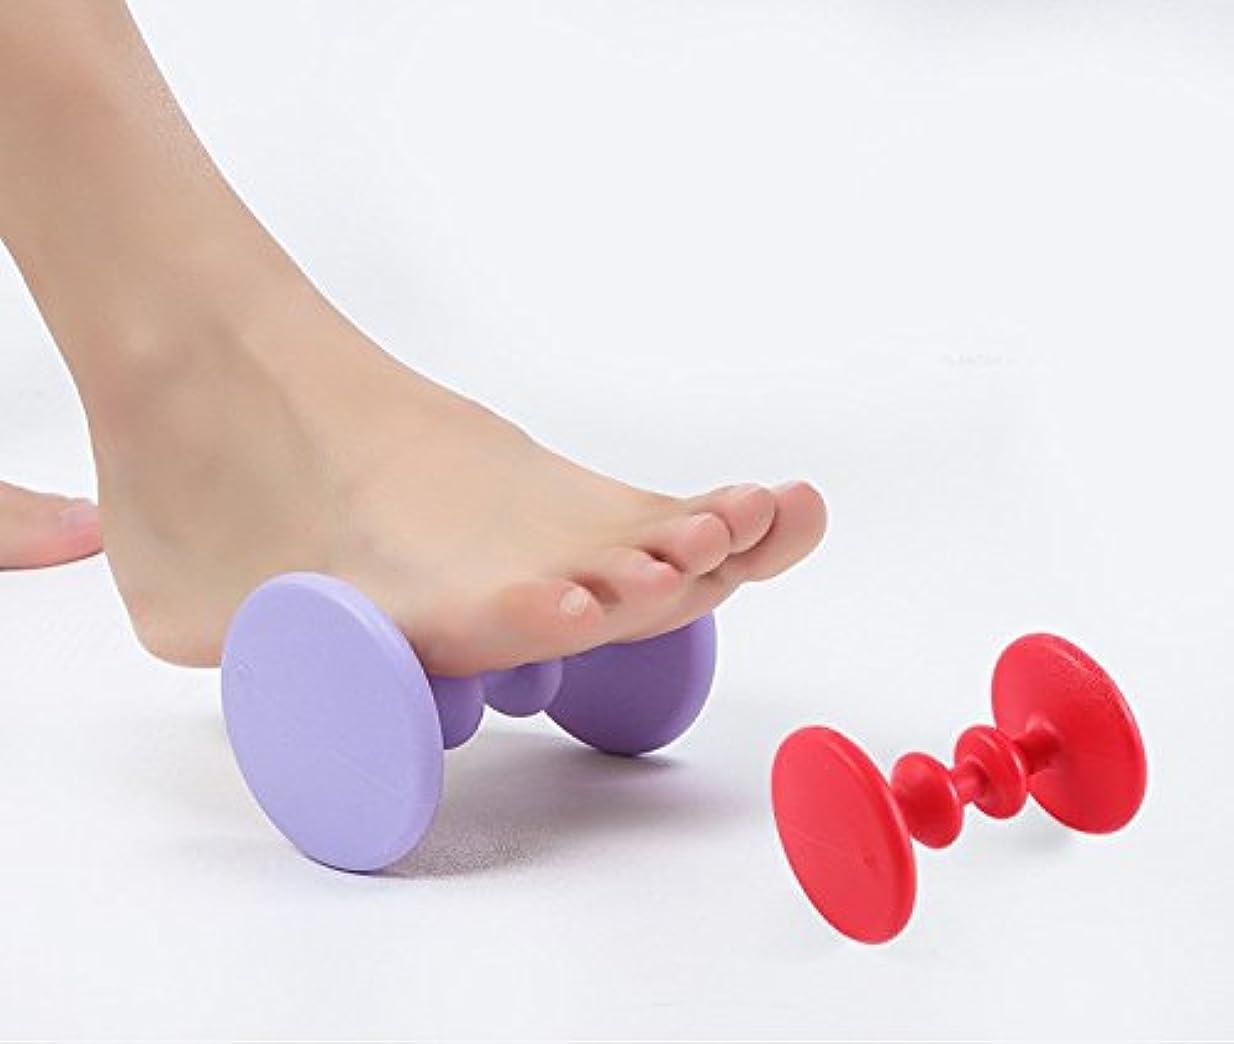 スキャンダル余計な差別するフットマッサージャー - アメージングモール - 理想的な足の痛みの救済マッサージ - 効果的なローラーの足のローラーマッサージャー - 推奨フットマッサージャーランナー-1ペア